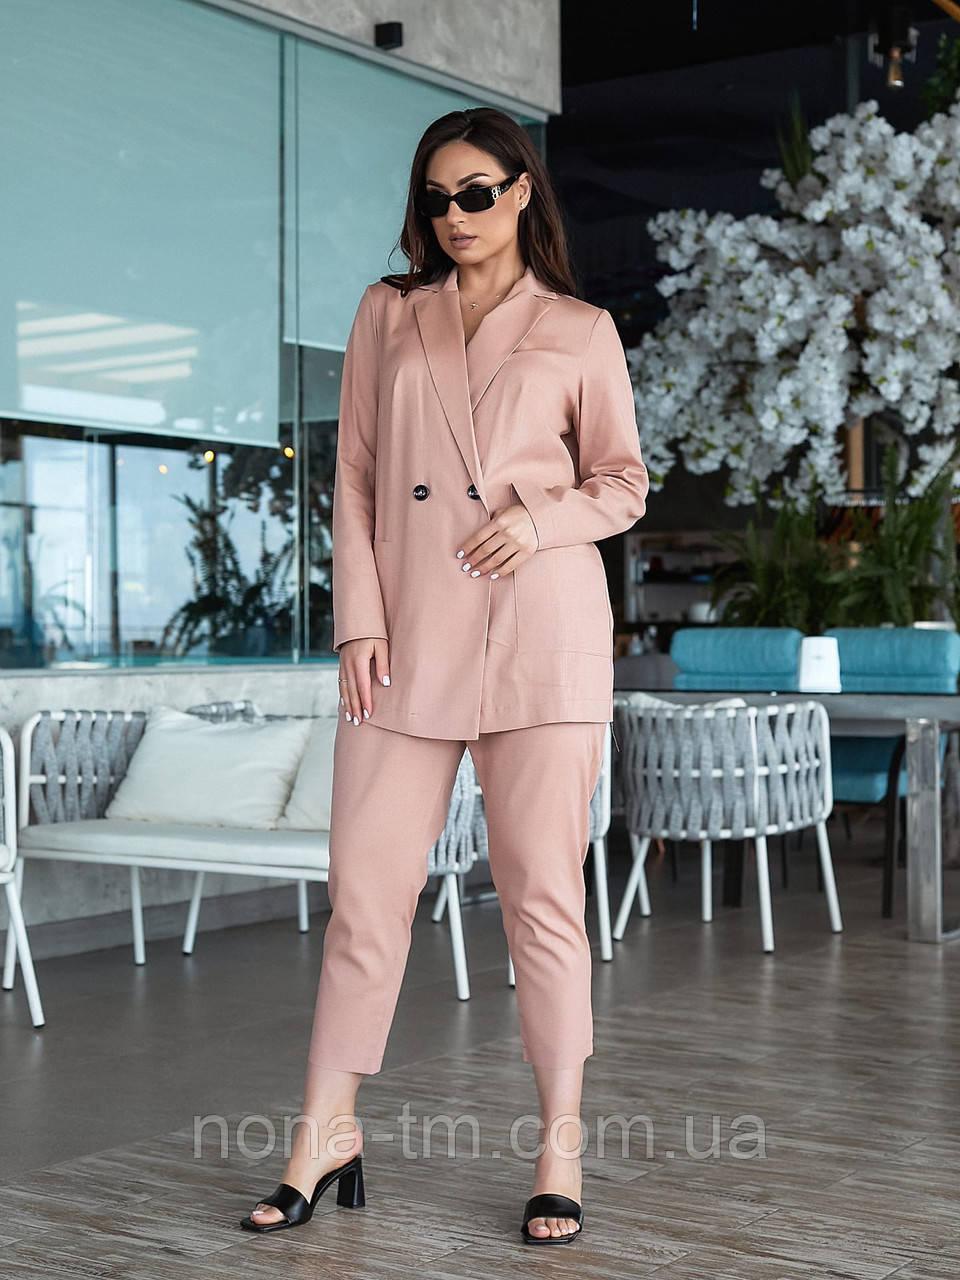 Жіночий костюм двійка з брюками і піджаком